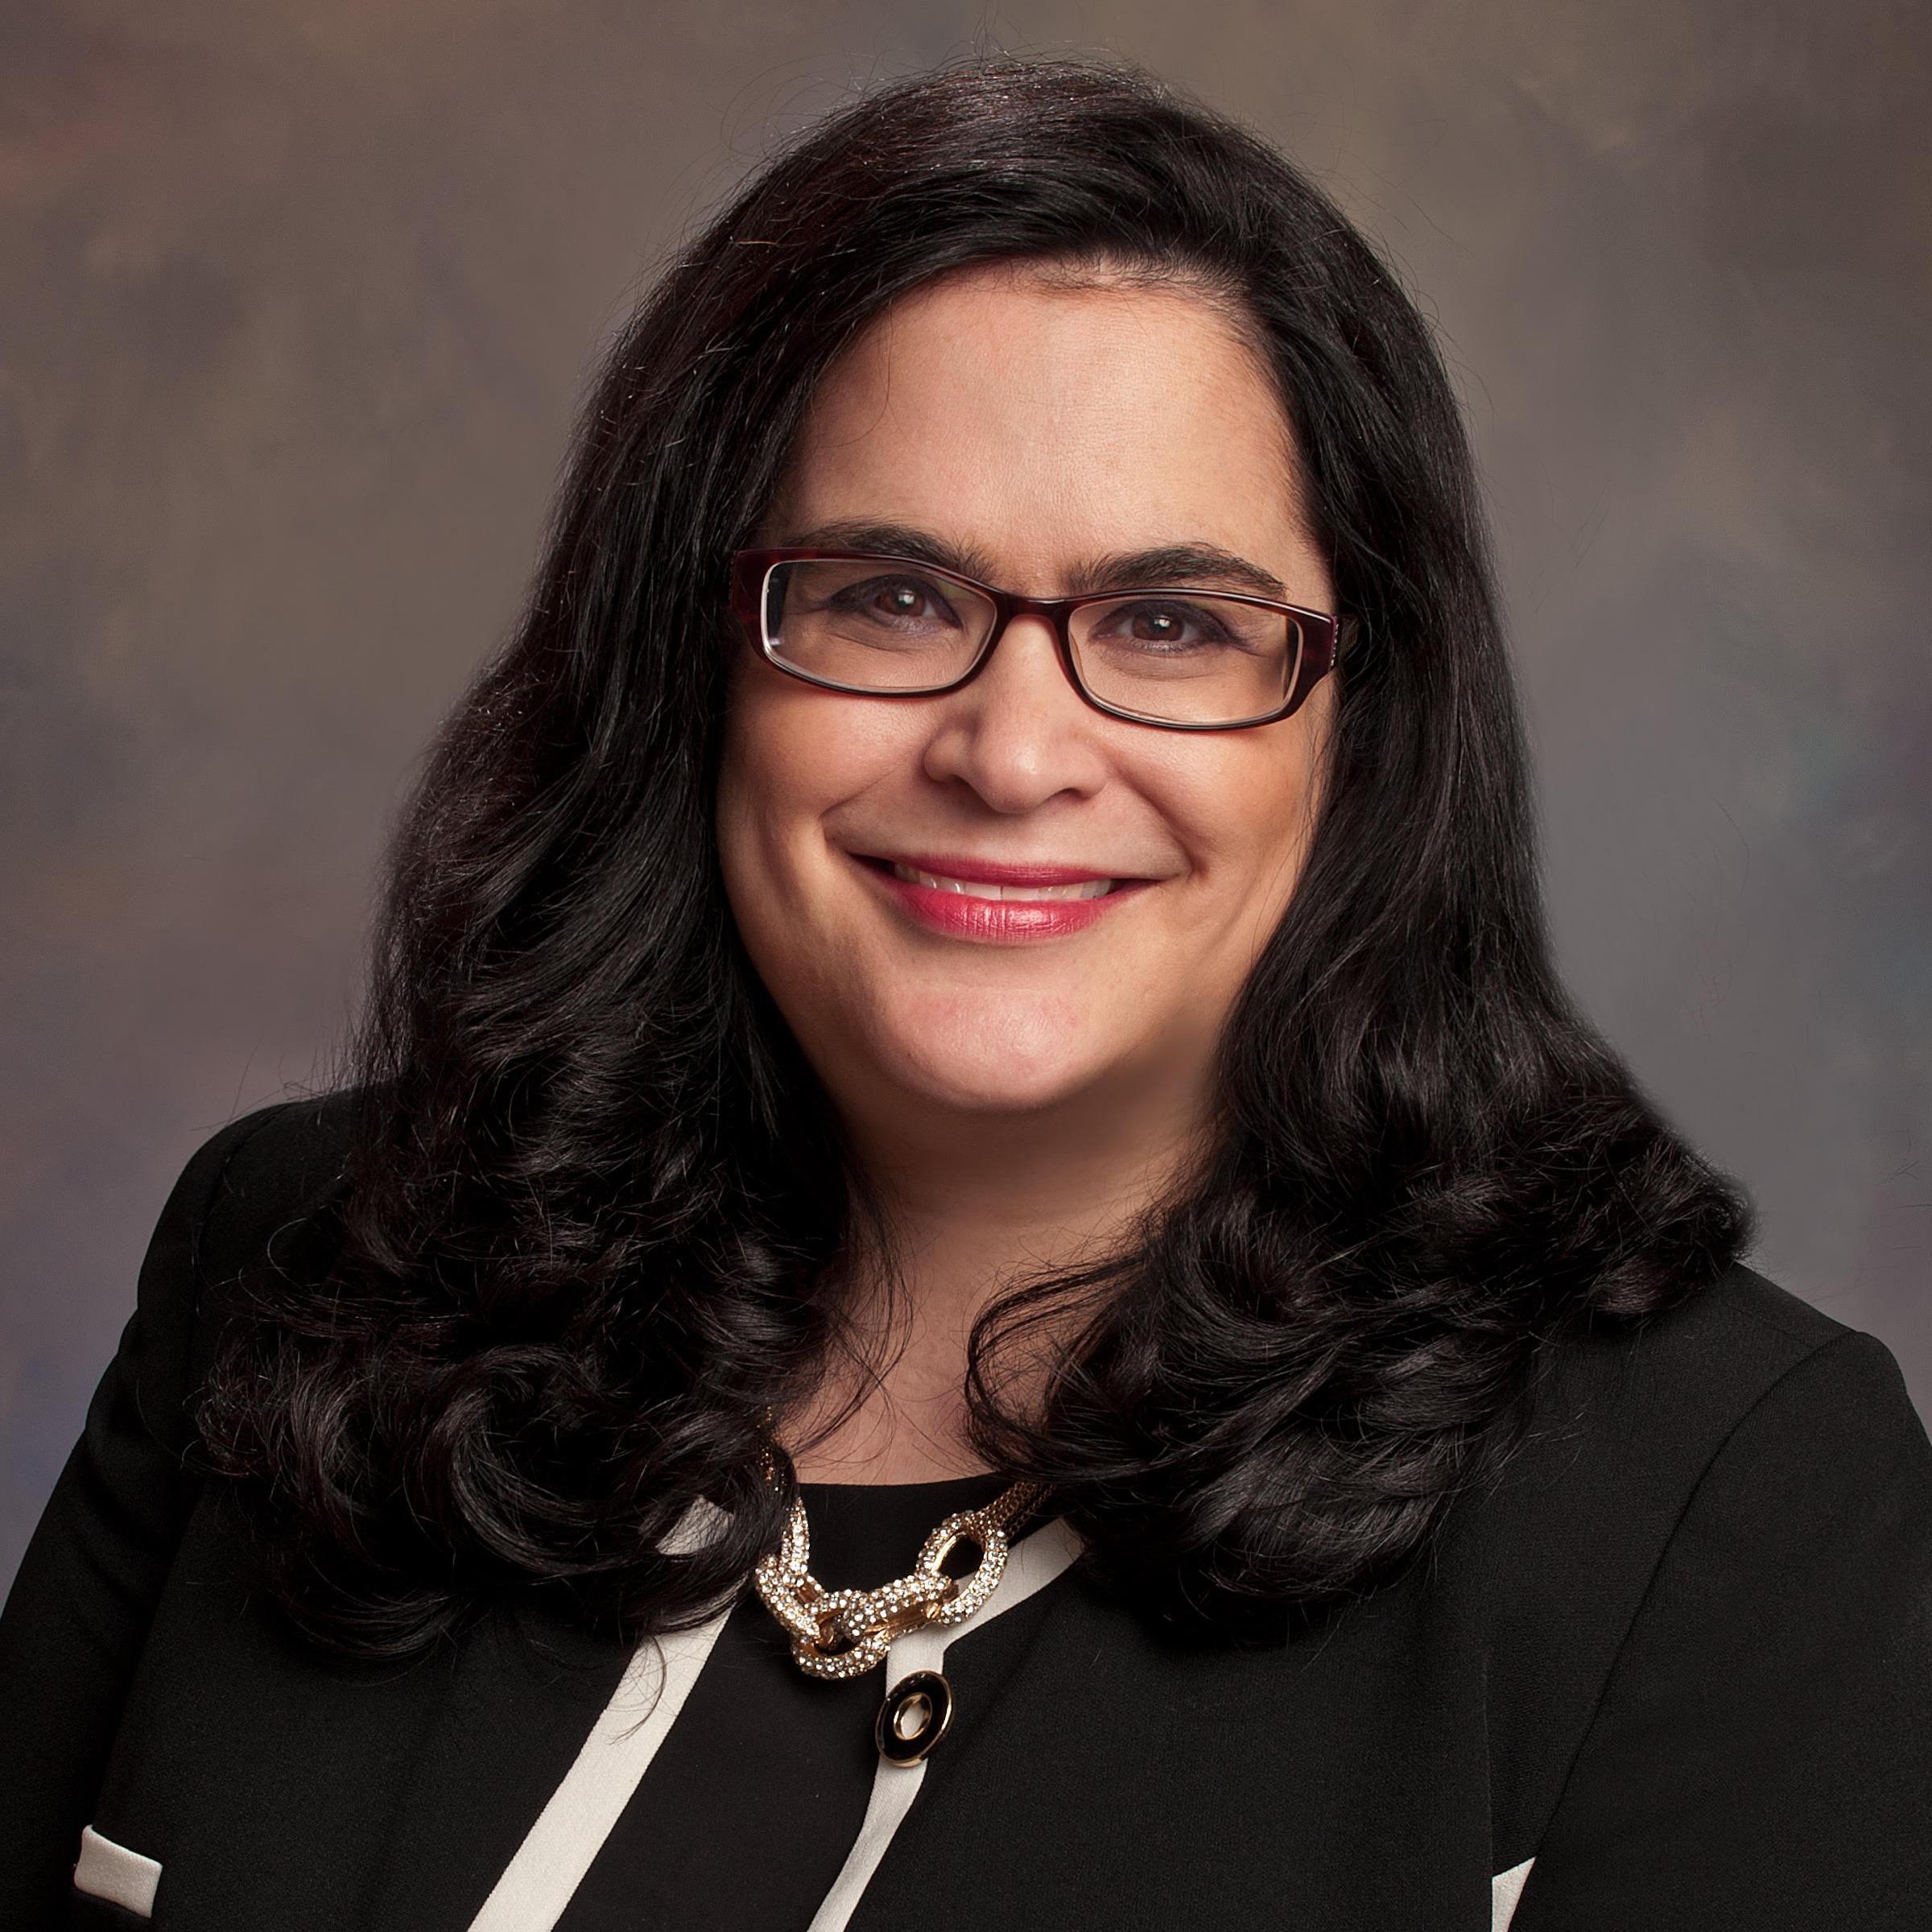 Sherri M. Stinson, P.A., Attorney at Law